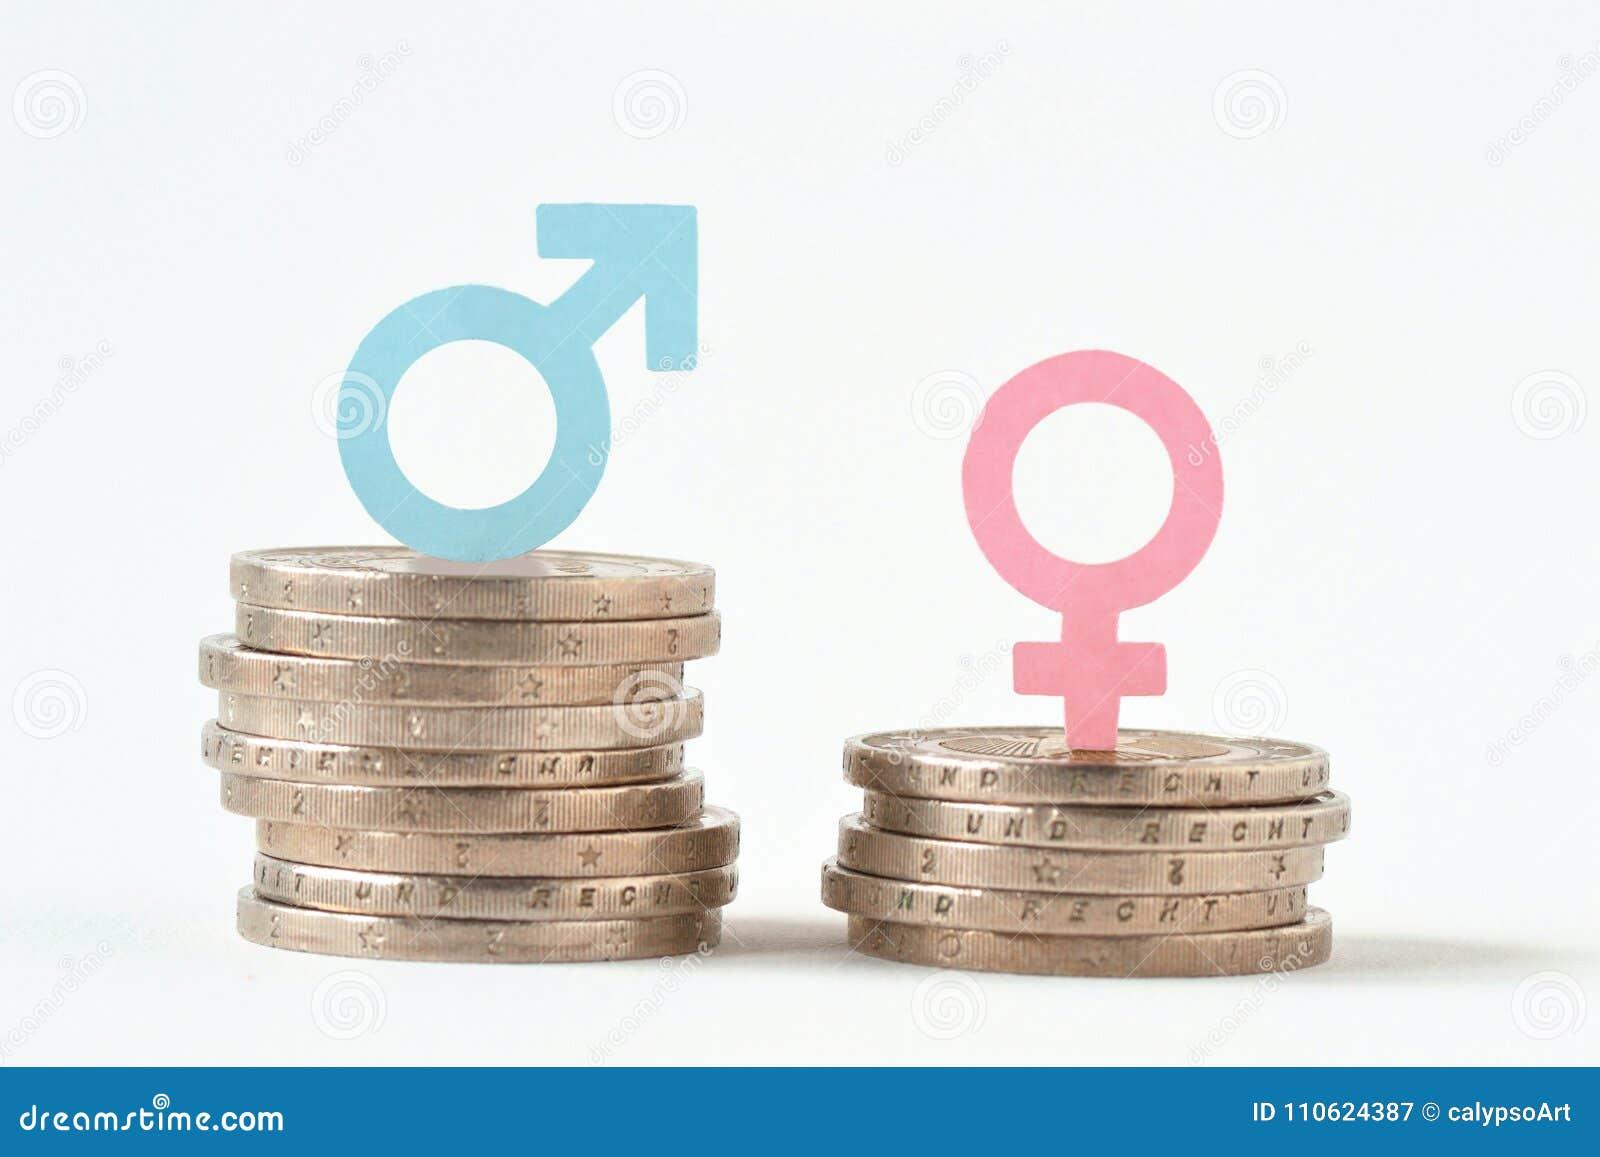 Manliga och kvinnliga symboler på högar av mynt - genuslönjämställdhet